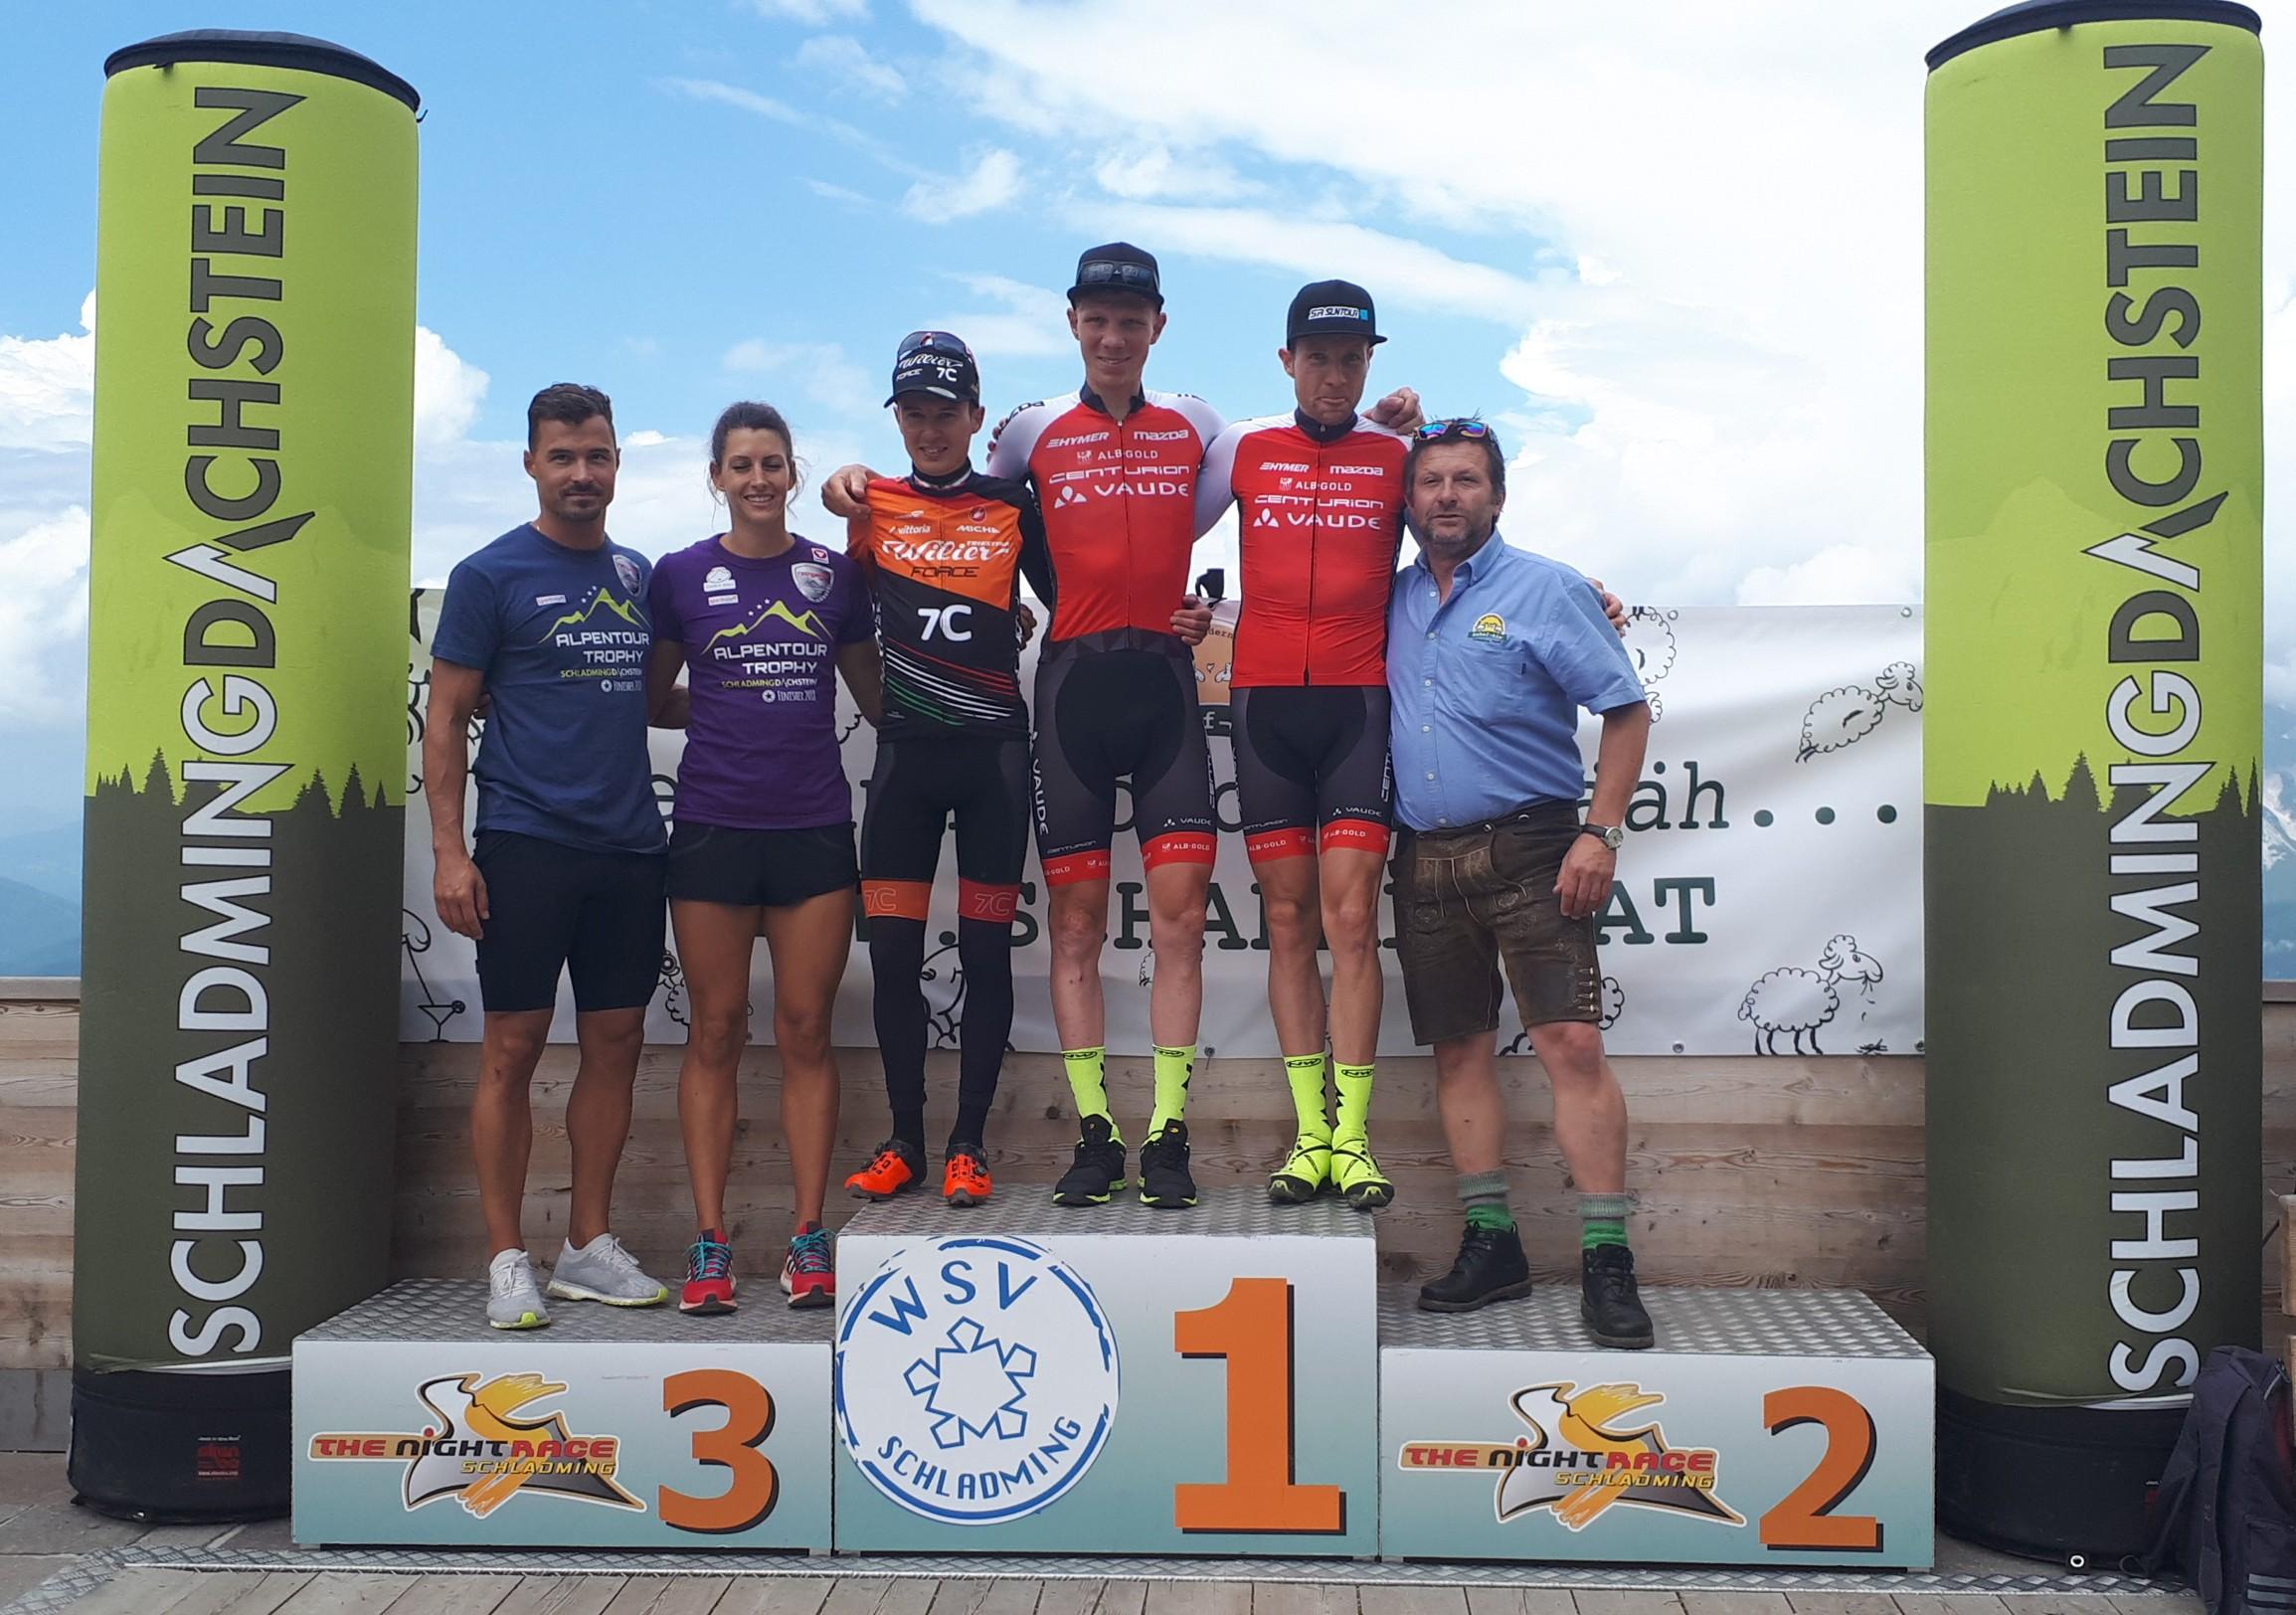 Derde eindzege voor Tony Longo en Christina Kollman-Forstner in Alpentour Trophy